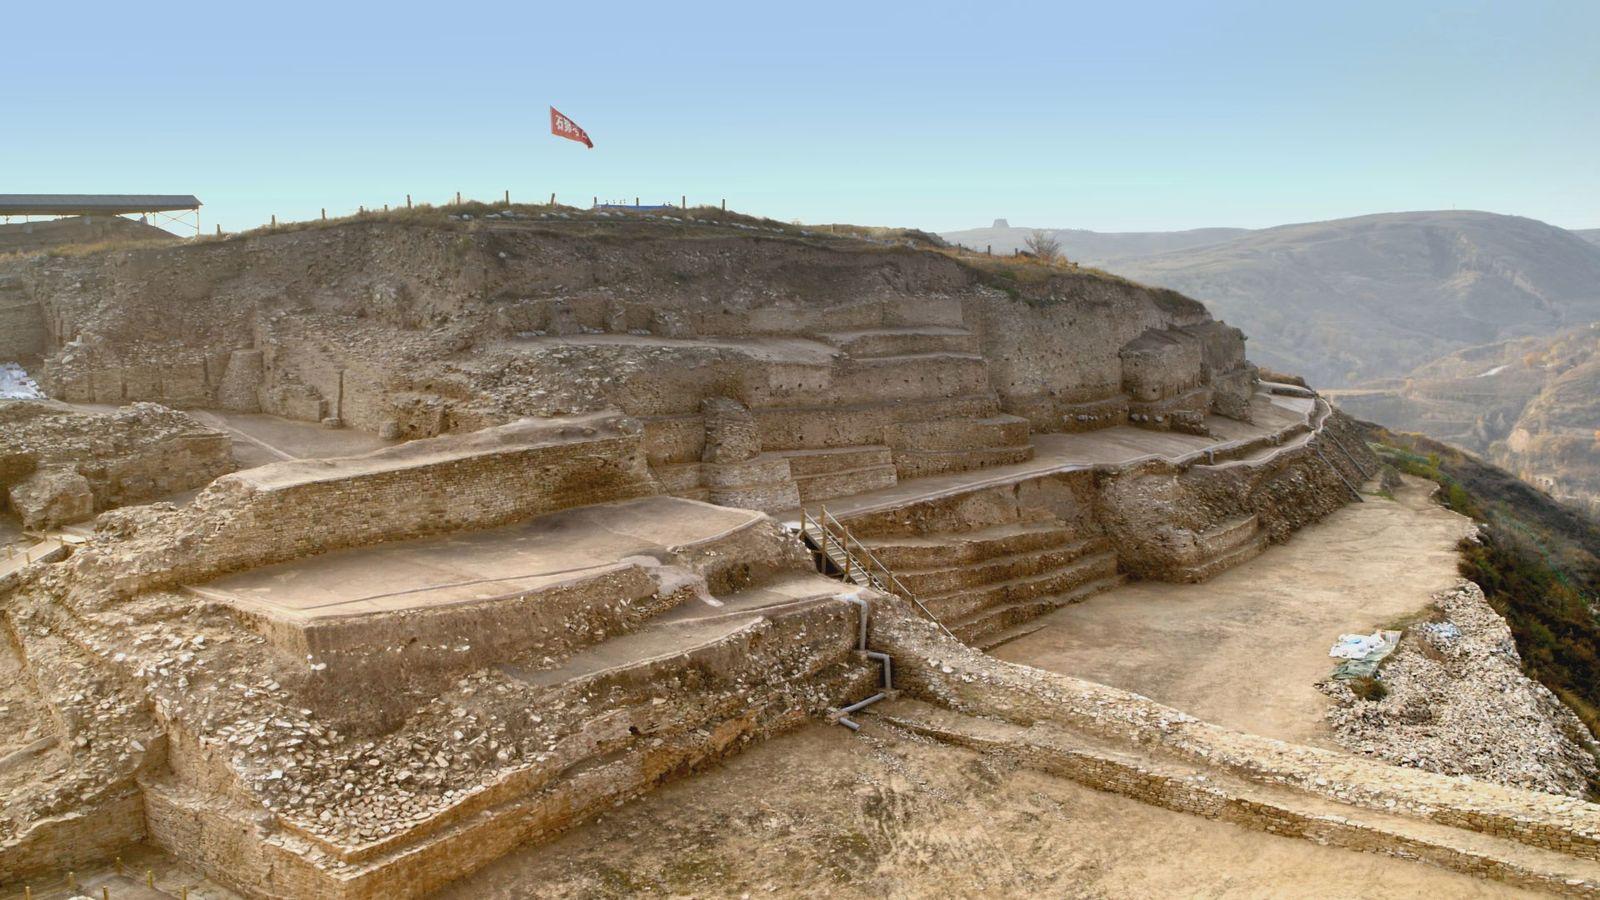 Coroada com uma pirâmide de degraus de mais de 60 metros de altura, uma cidade fortificada ...